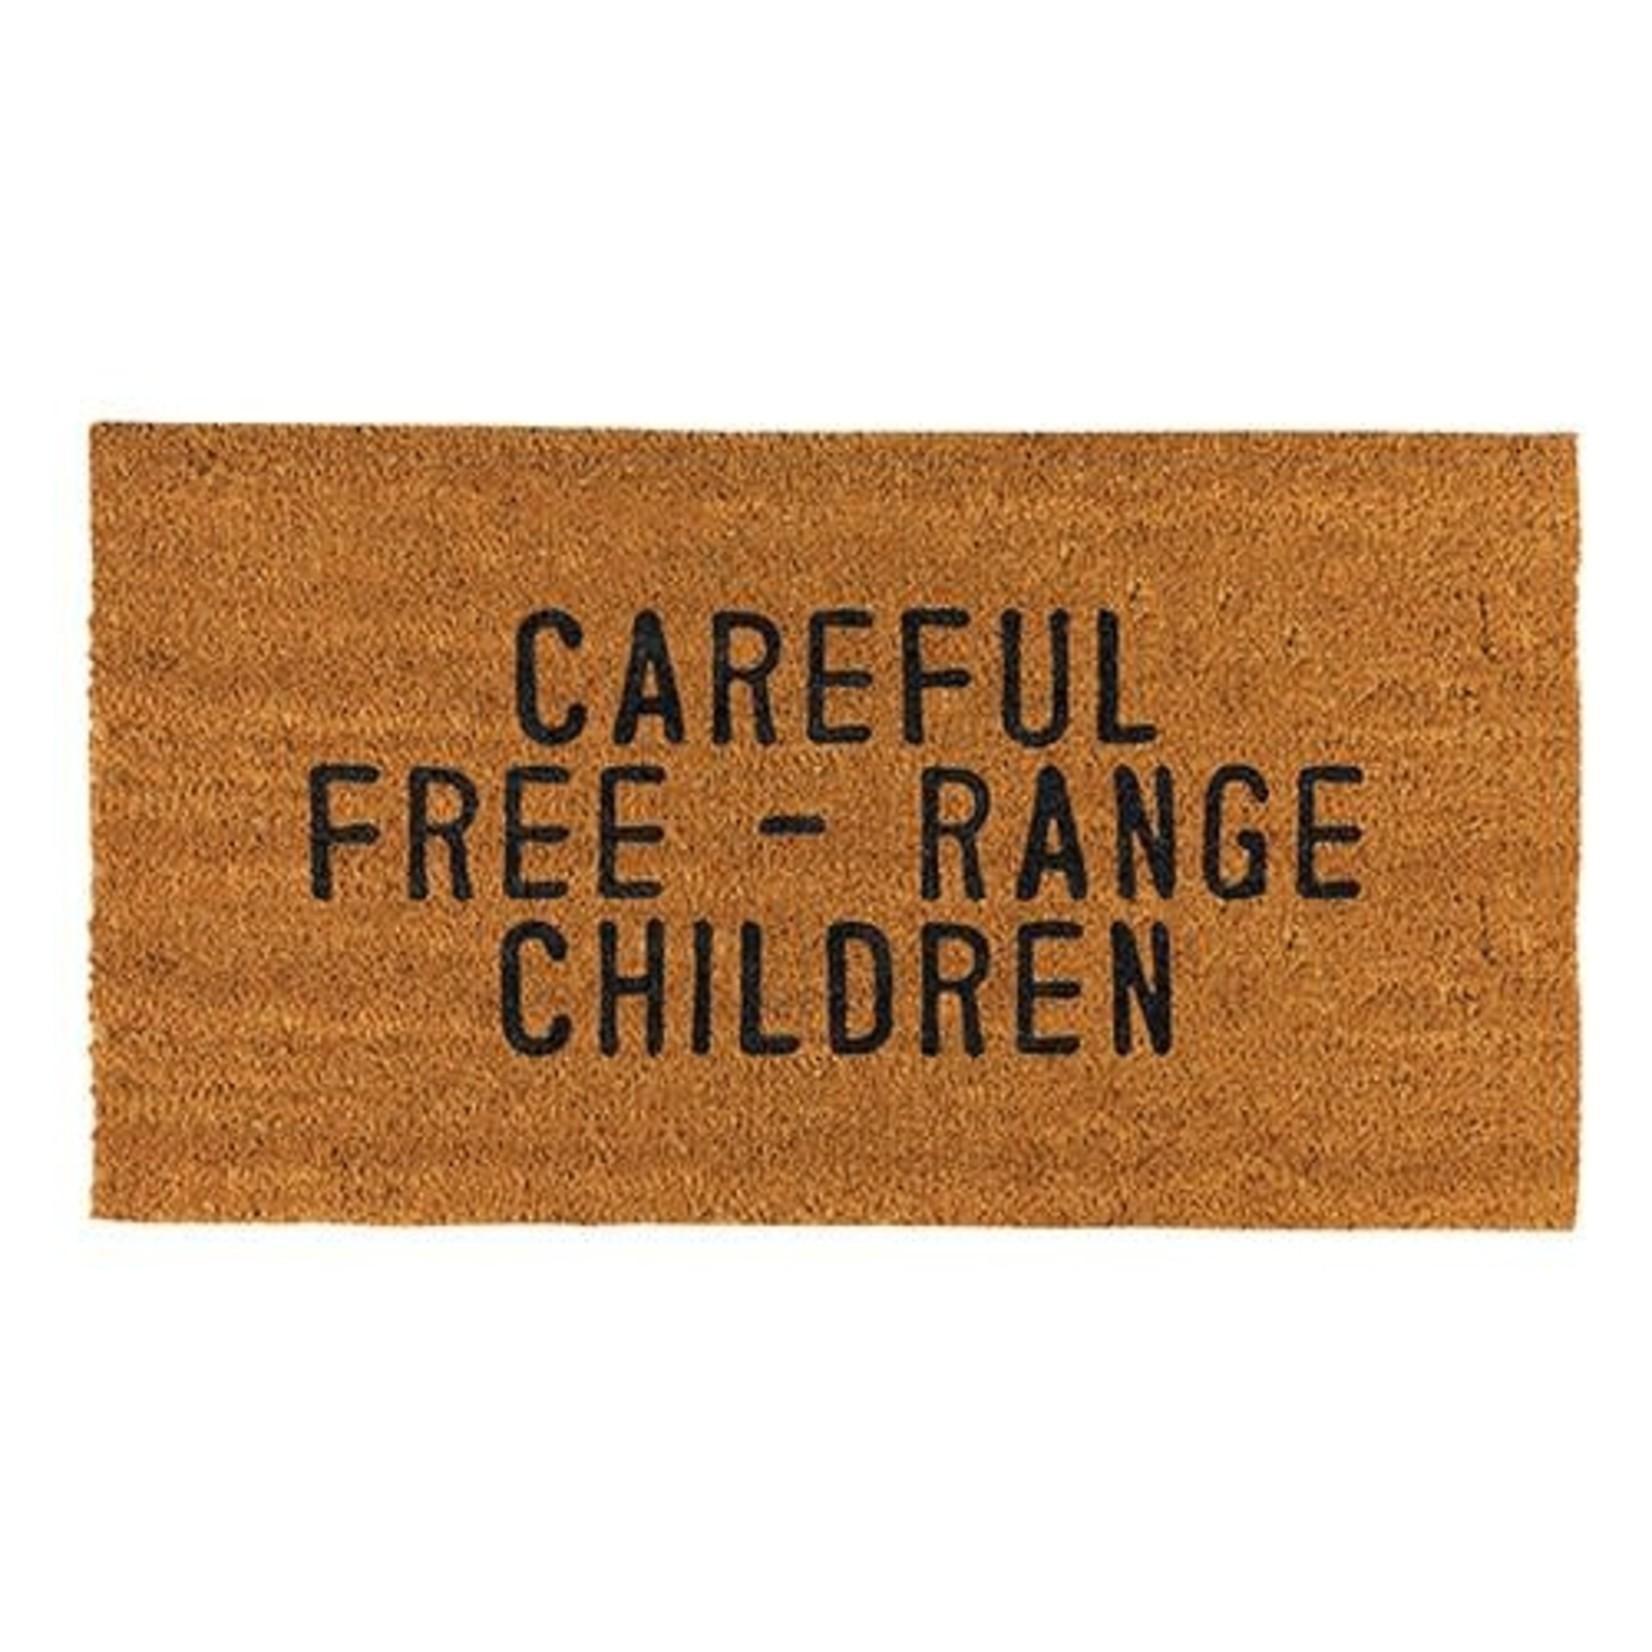 Creative Brands Careful Free Range Children Door Mat